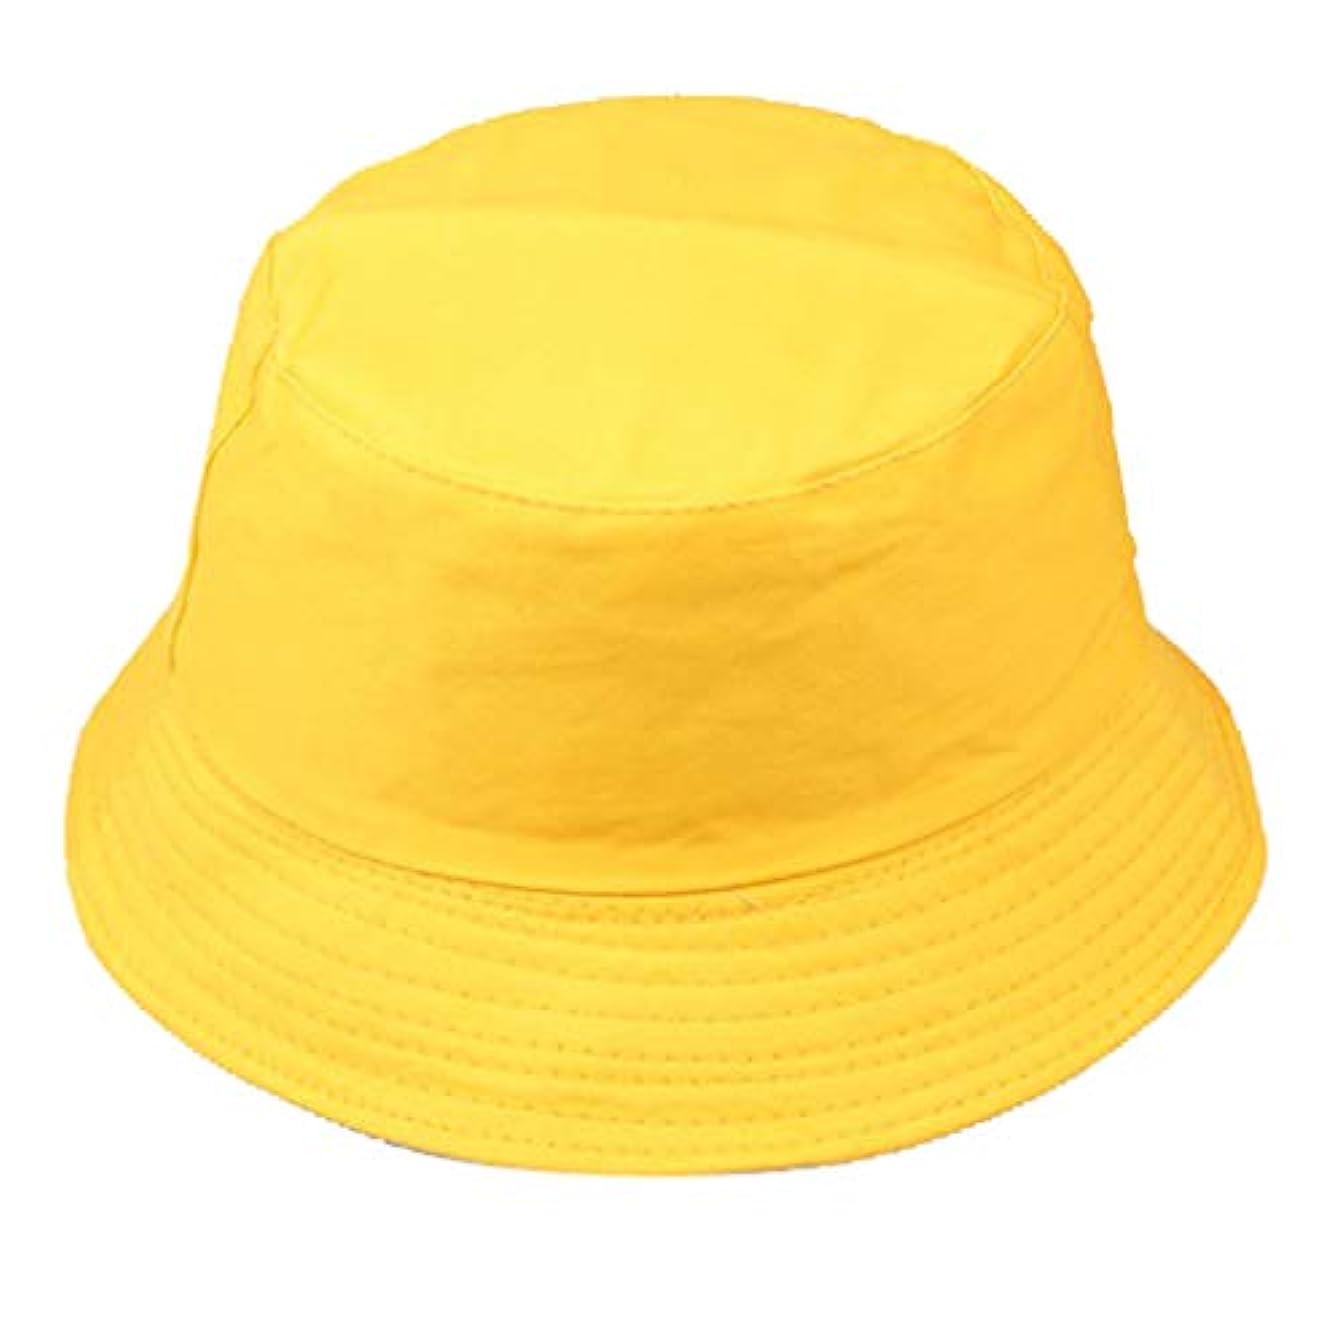 一掃する筋コテージ帽子 レディース 漁師帽 つば広 UVカット 熱中症 夏 海 紫外線 日除け レディース 帽子 キャップ ハット レディース 漁師の帽子 小顔効果抜群 アウトドア 紫外線対策 日焼け対策 ハット 調整テープ ROSE ROMAN